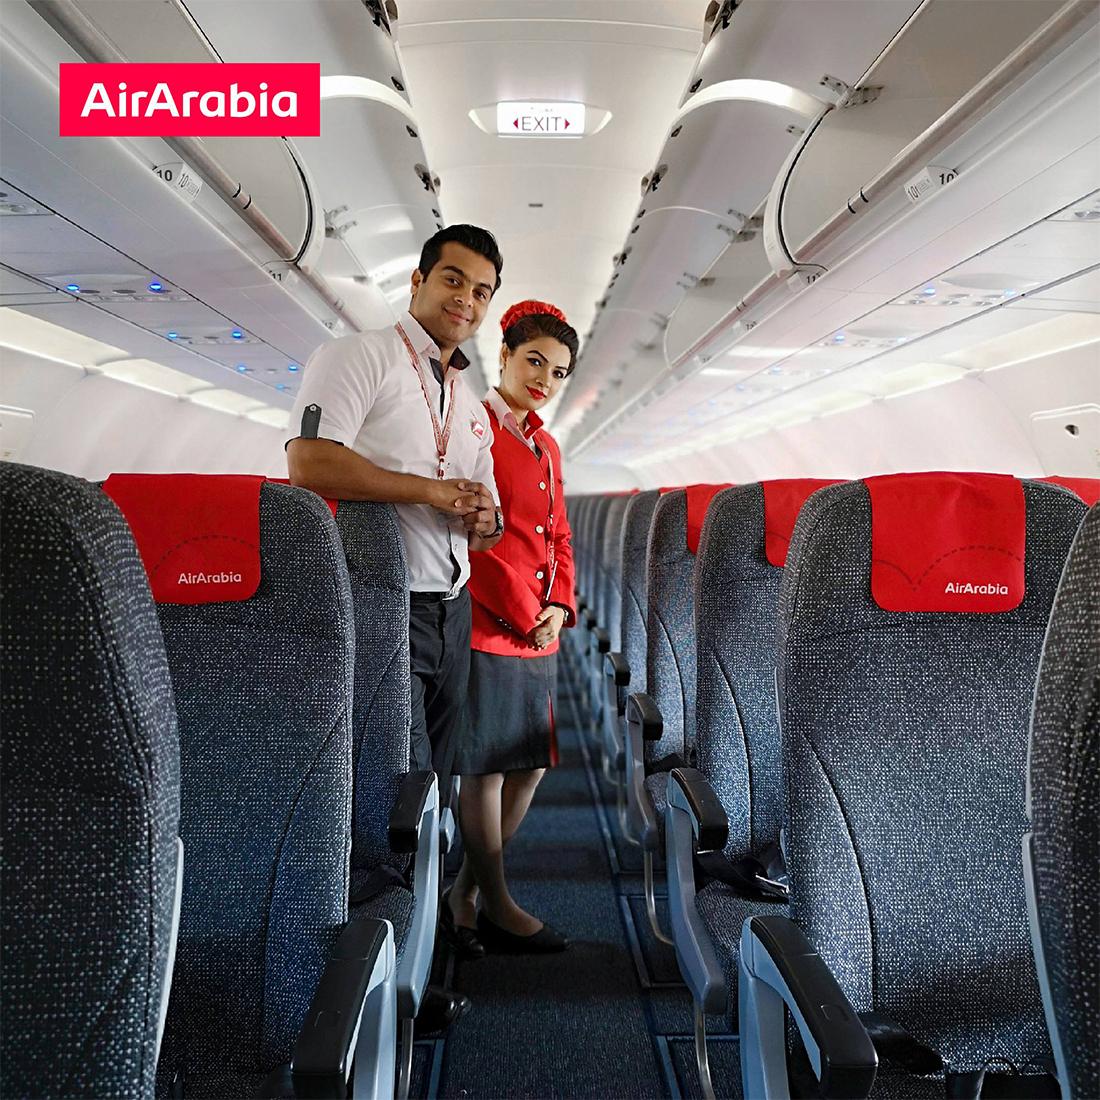 Image-1_AirArabia_1100x1100